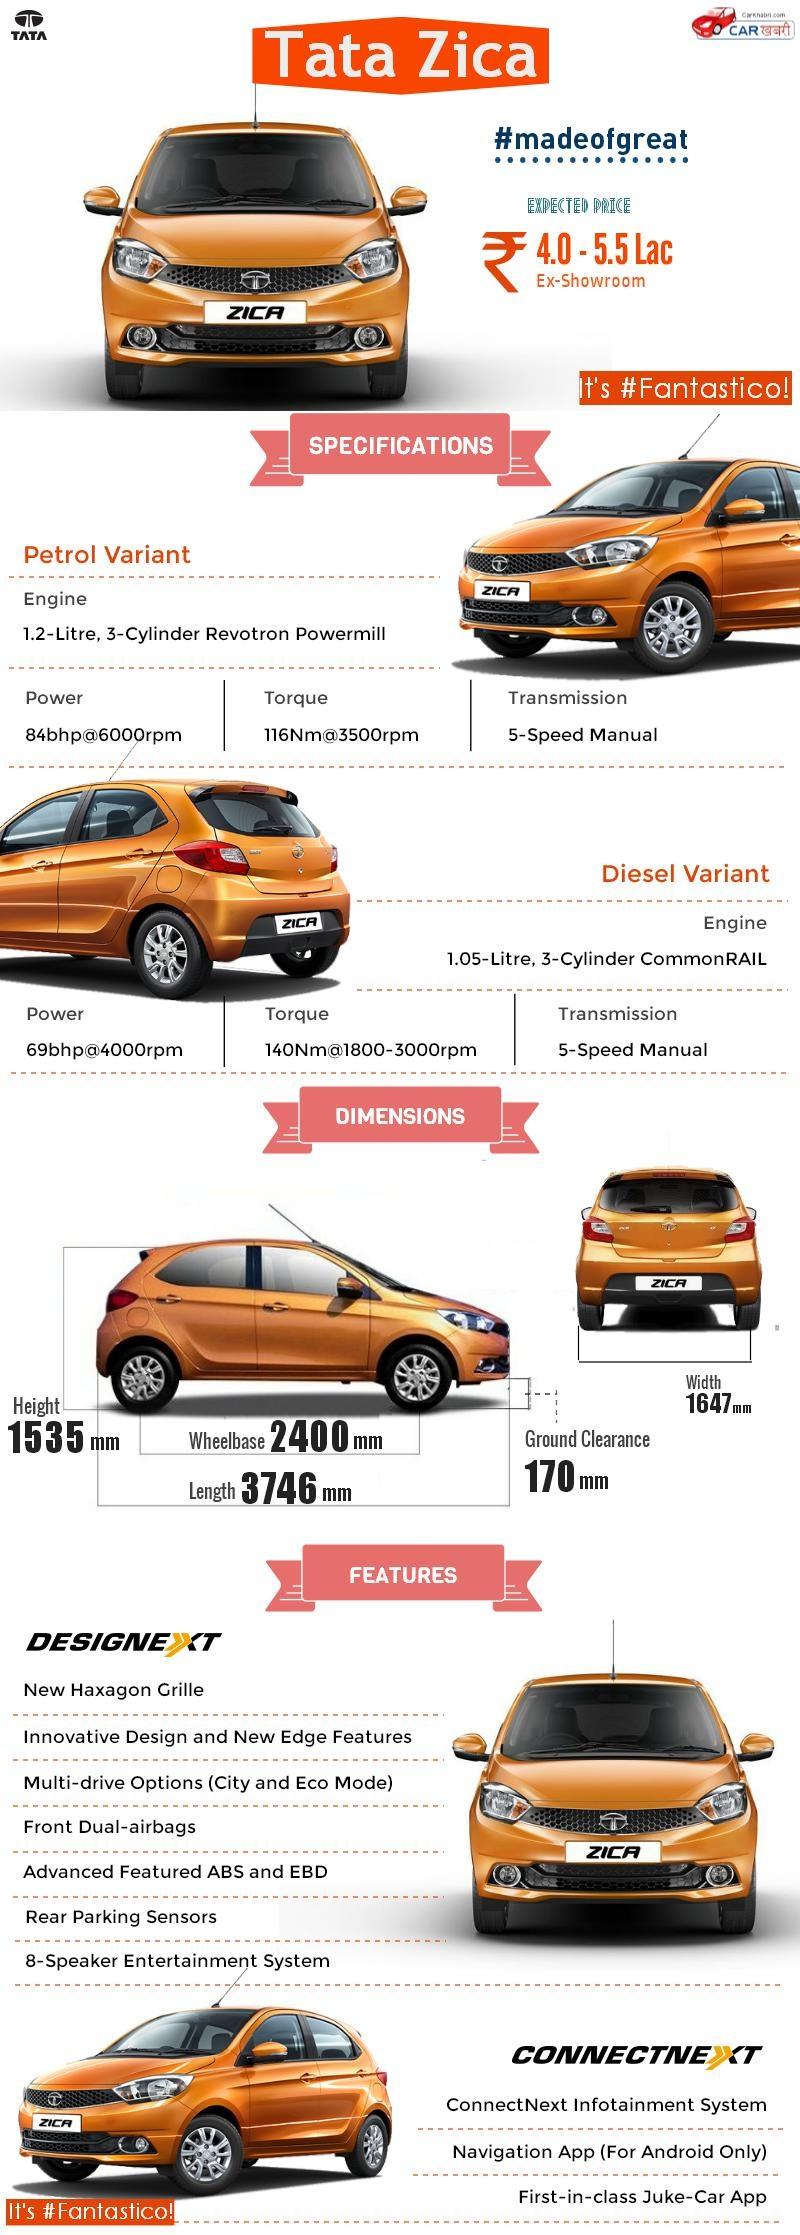 Tata Zica Infographic